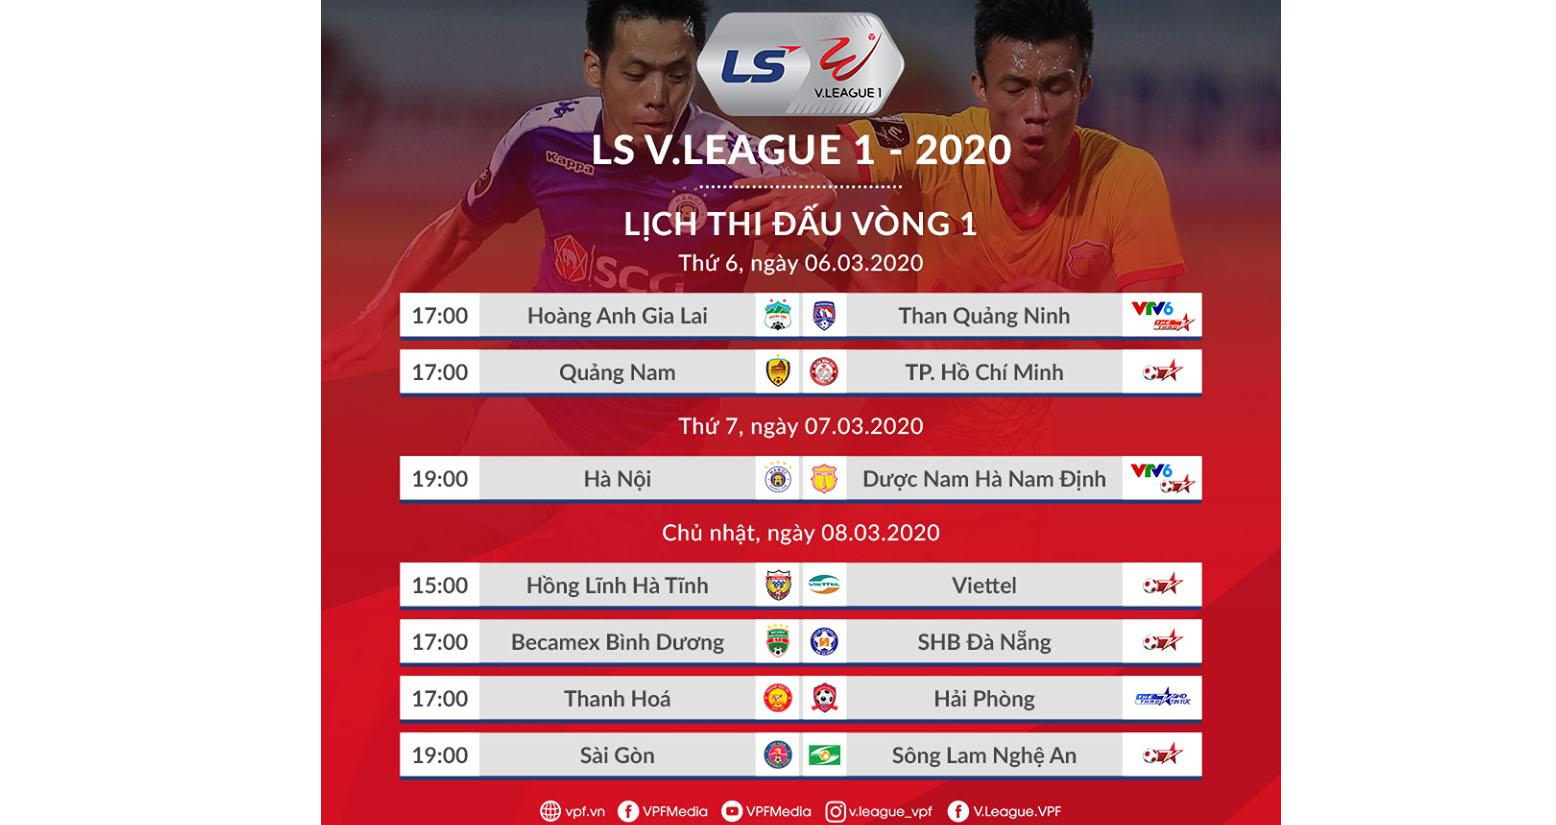 Lịch thi đấu bóng đá, V League, bóng đá, V-League 2020, lịch thi đấu V League, trực tiếp bóng đá, HAGL, TP.HCM, HAGL, VTV6, VTV5, lịch bóng đá V League 2020